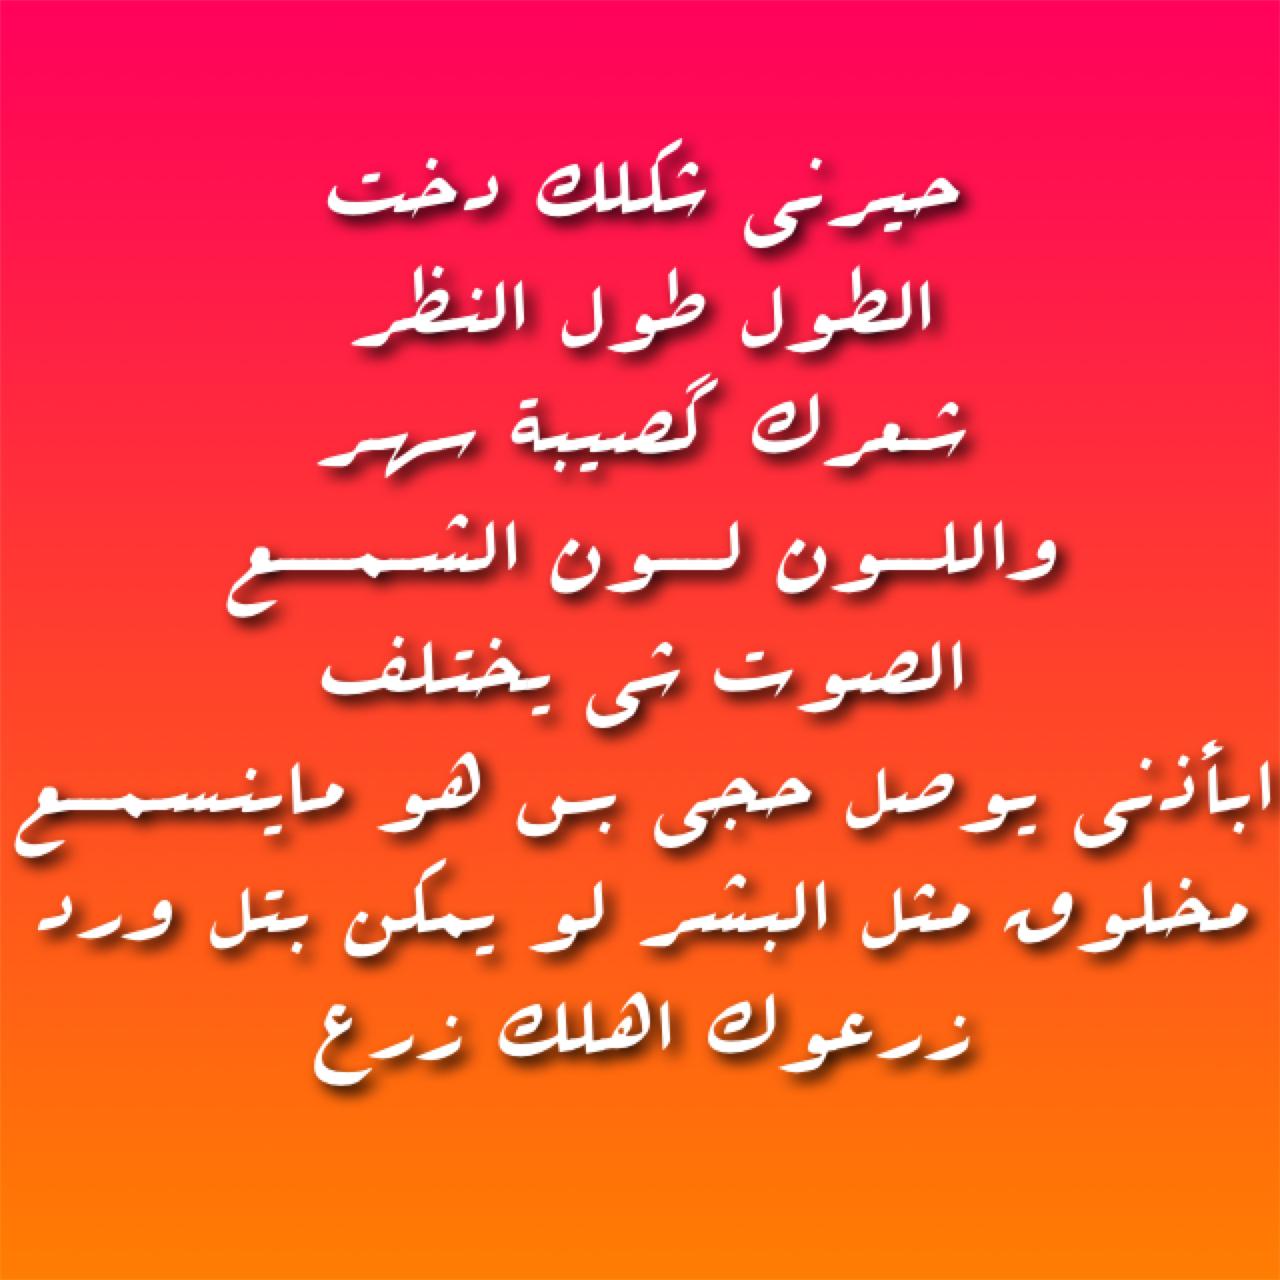 اشعار حب حزينة عراقية